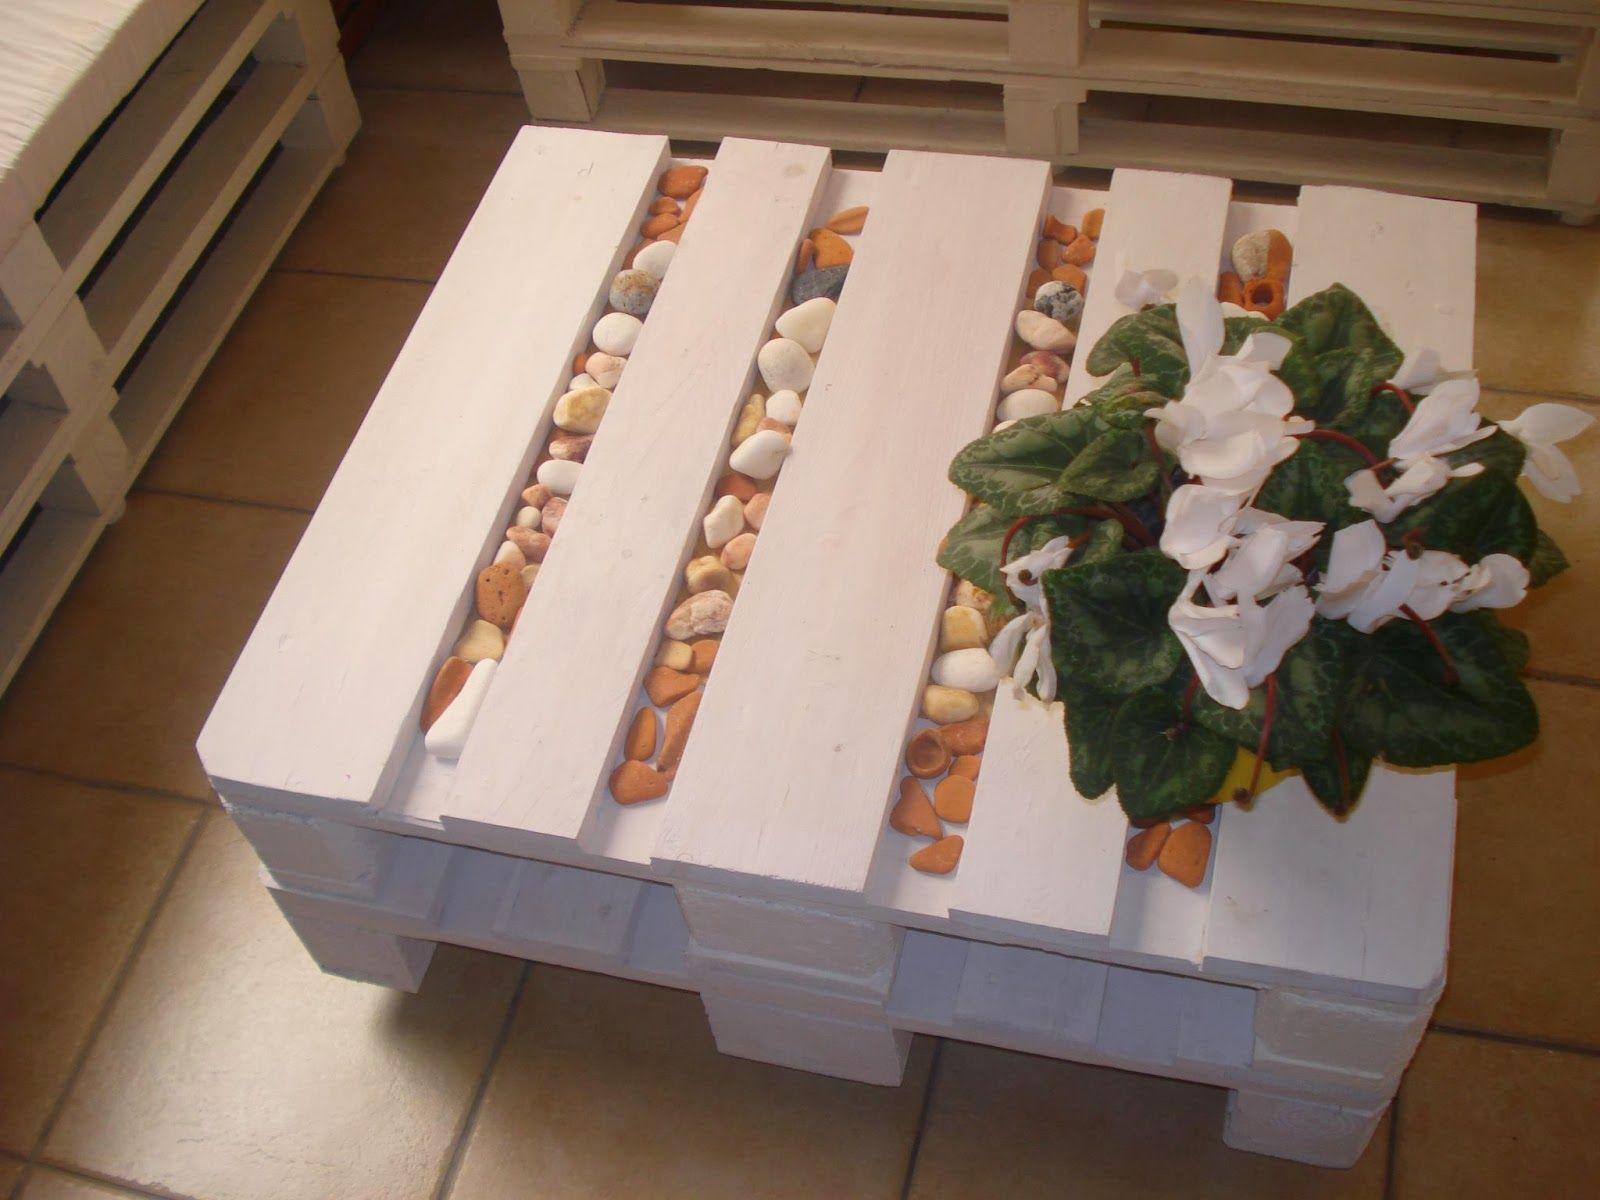 5a36fea42181a22430667f0889017e96 Meilleur De De Table Salon Jardin Des Idées